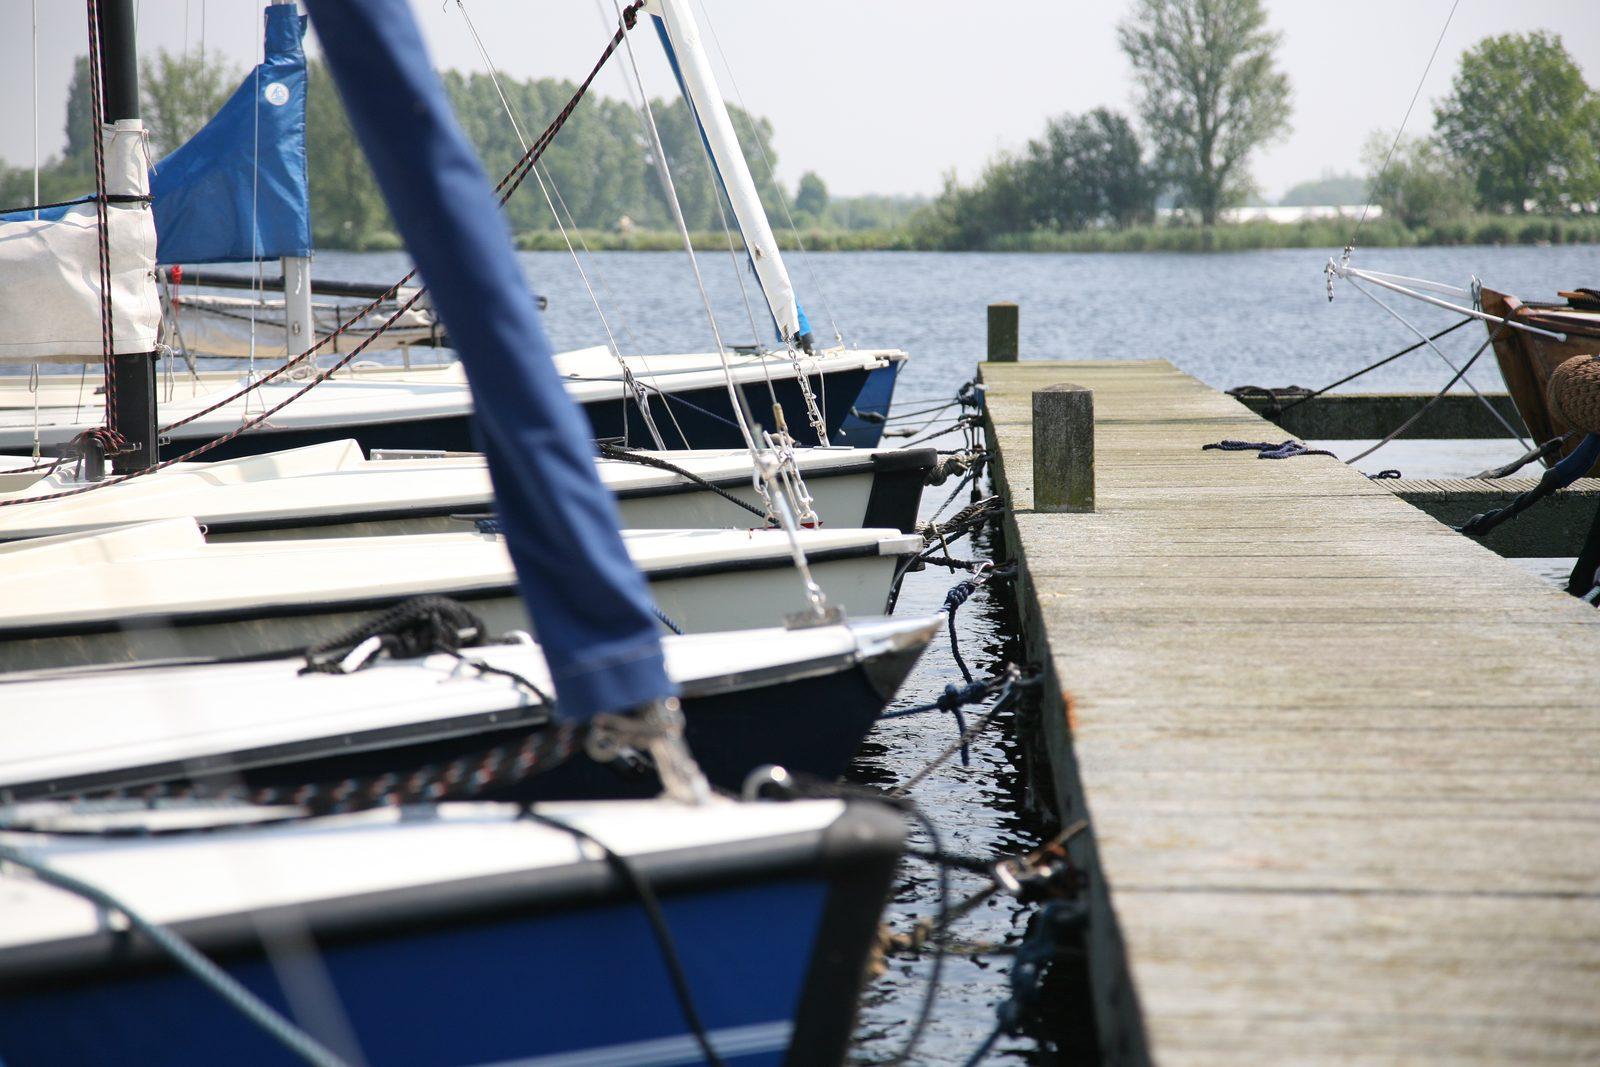 Ligplaatsen verhuur Roelofarendsveen, zeilboot